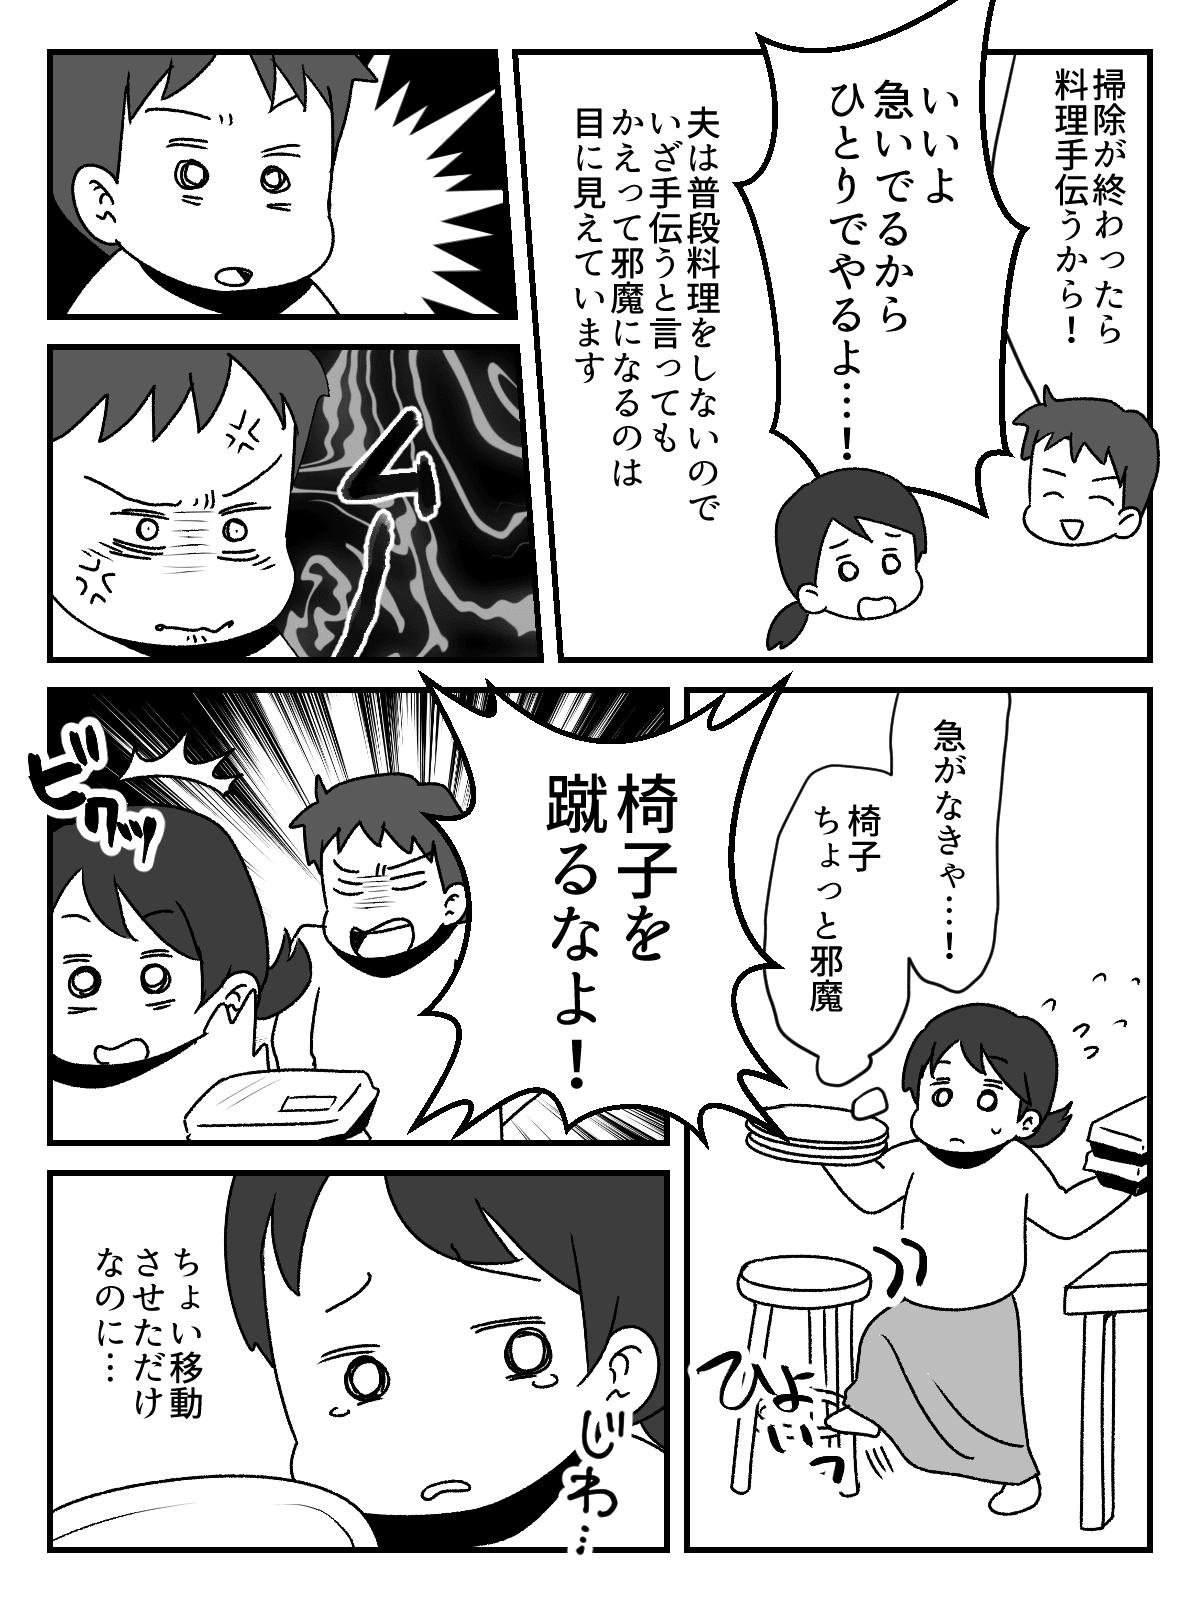 【中編】「せっかく娘のひな祭りなのに!」